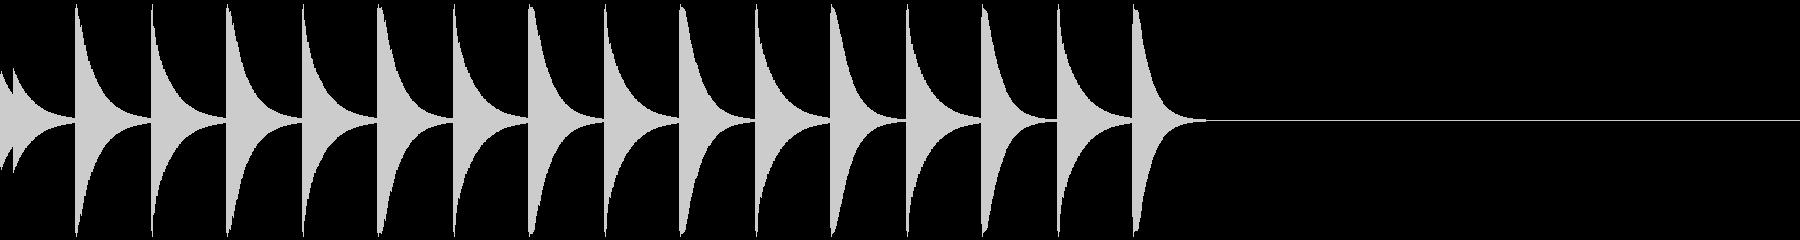 ポコポコ/スクロール/アイキャッチ/2の未再生の波形